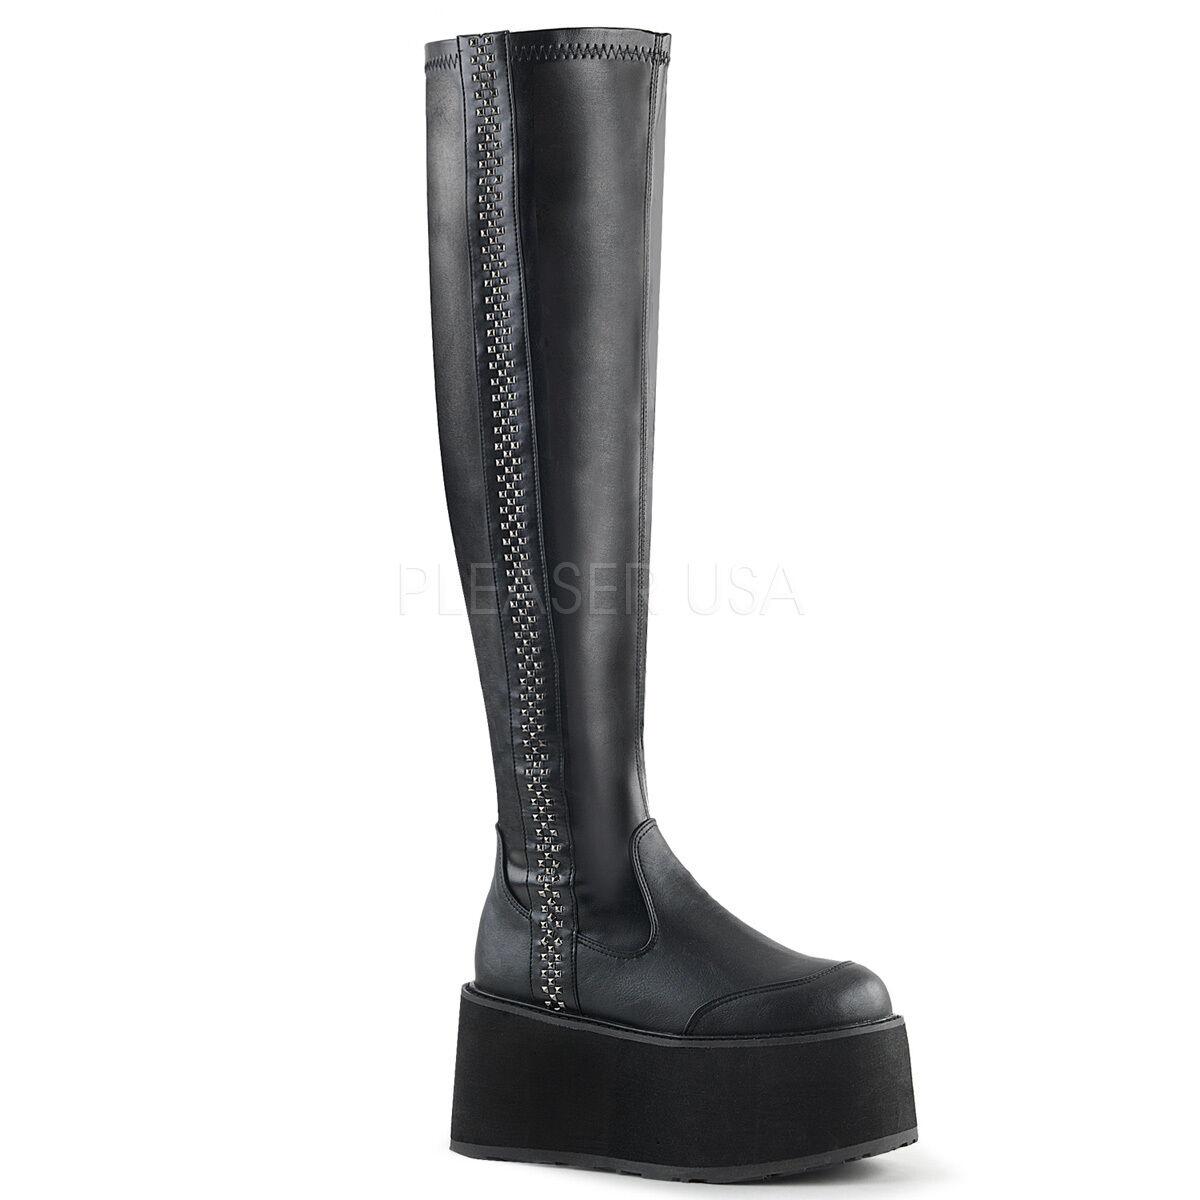 Demonia DAM302 BVL Negro Góticos Punk Plataforma Tachas Lado Lado Lado botas para mujer alto del muslo 930da2